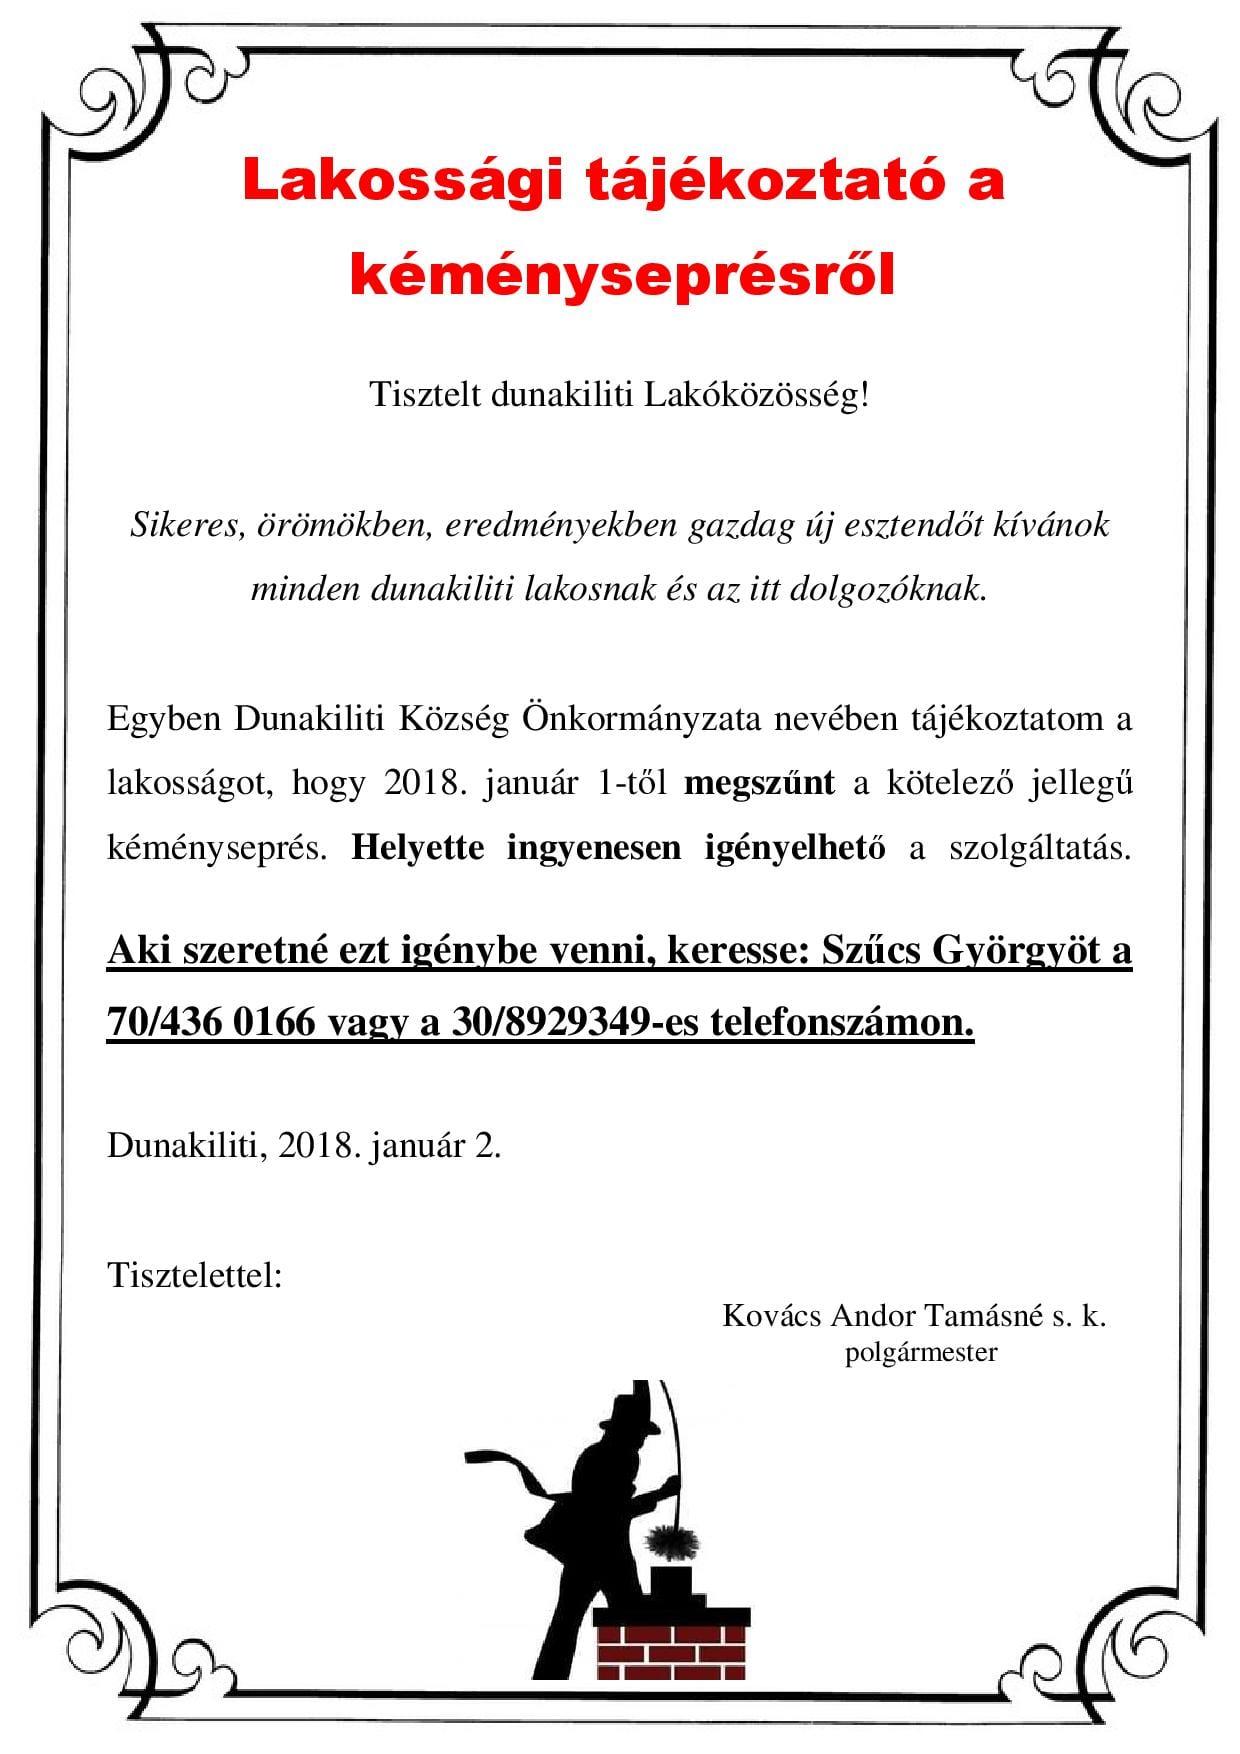 tájékoztatás_kéményseprés2018-page-001